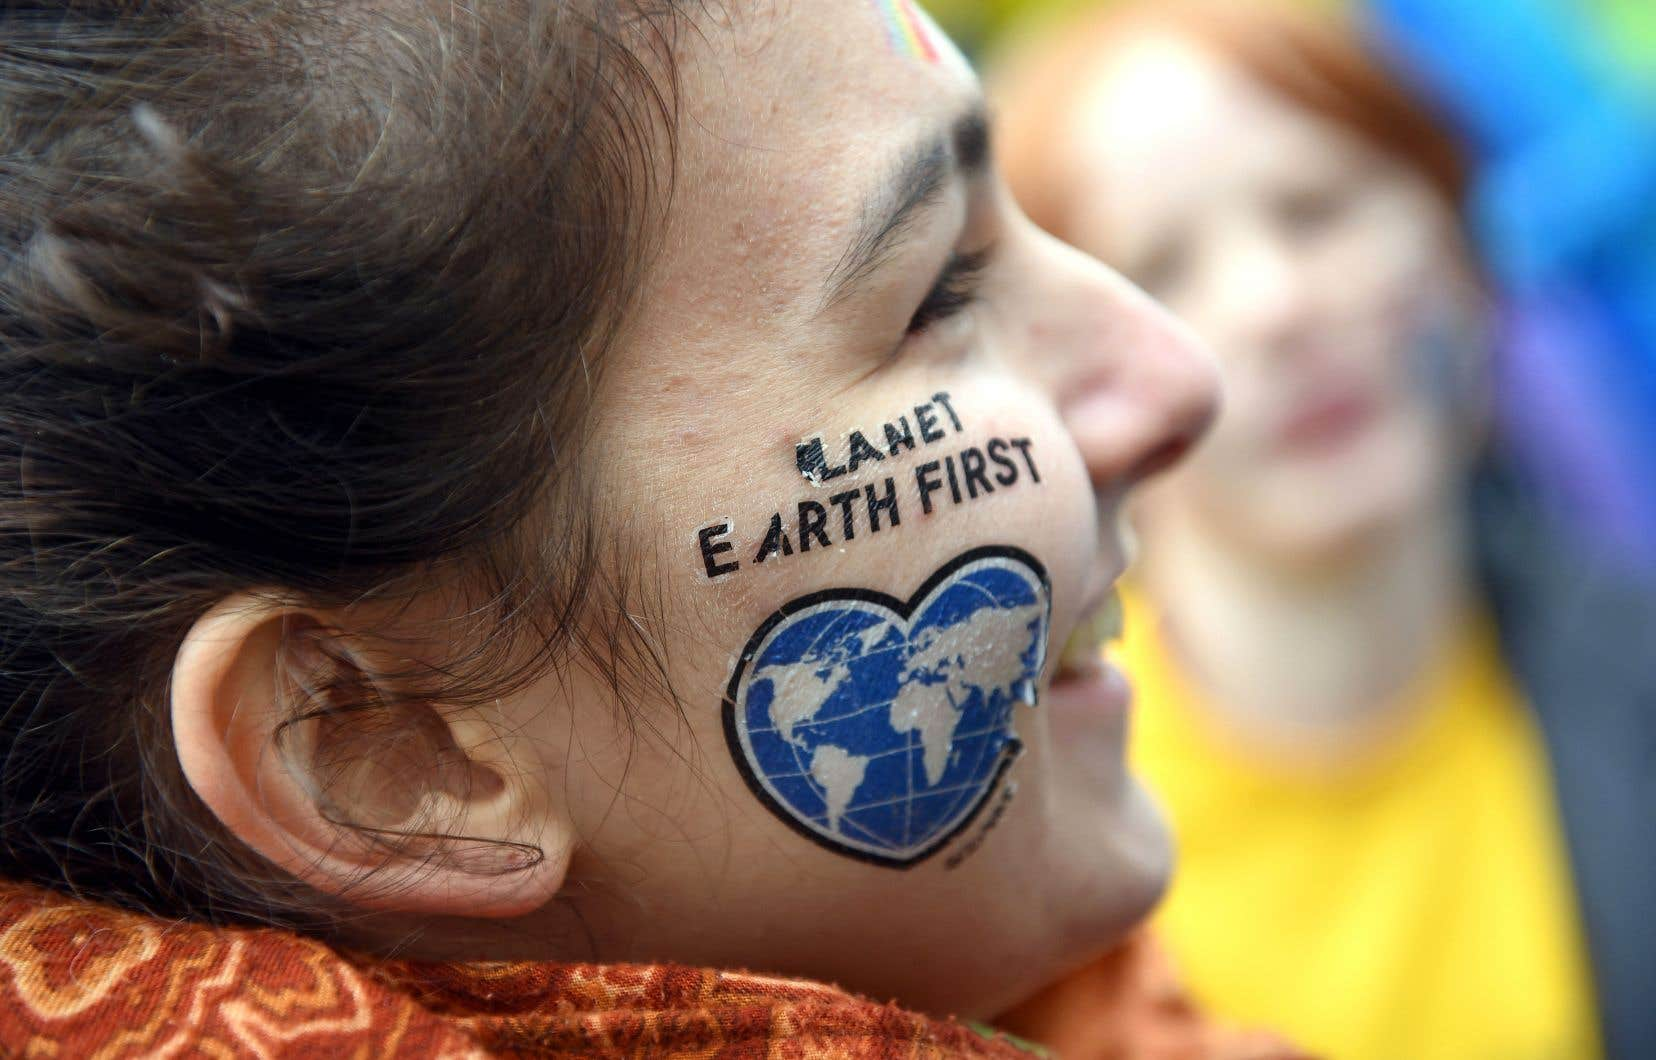 Une manifestante pendant un événement organisé par Greenpeace, à Bonn en Allemagne, en marge de la 23e Conférence des Nations unies sur les changements climatiques